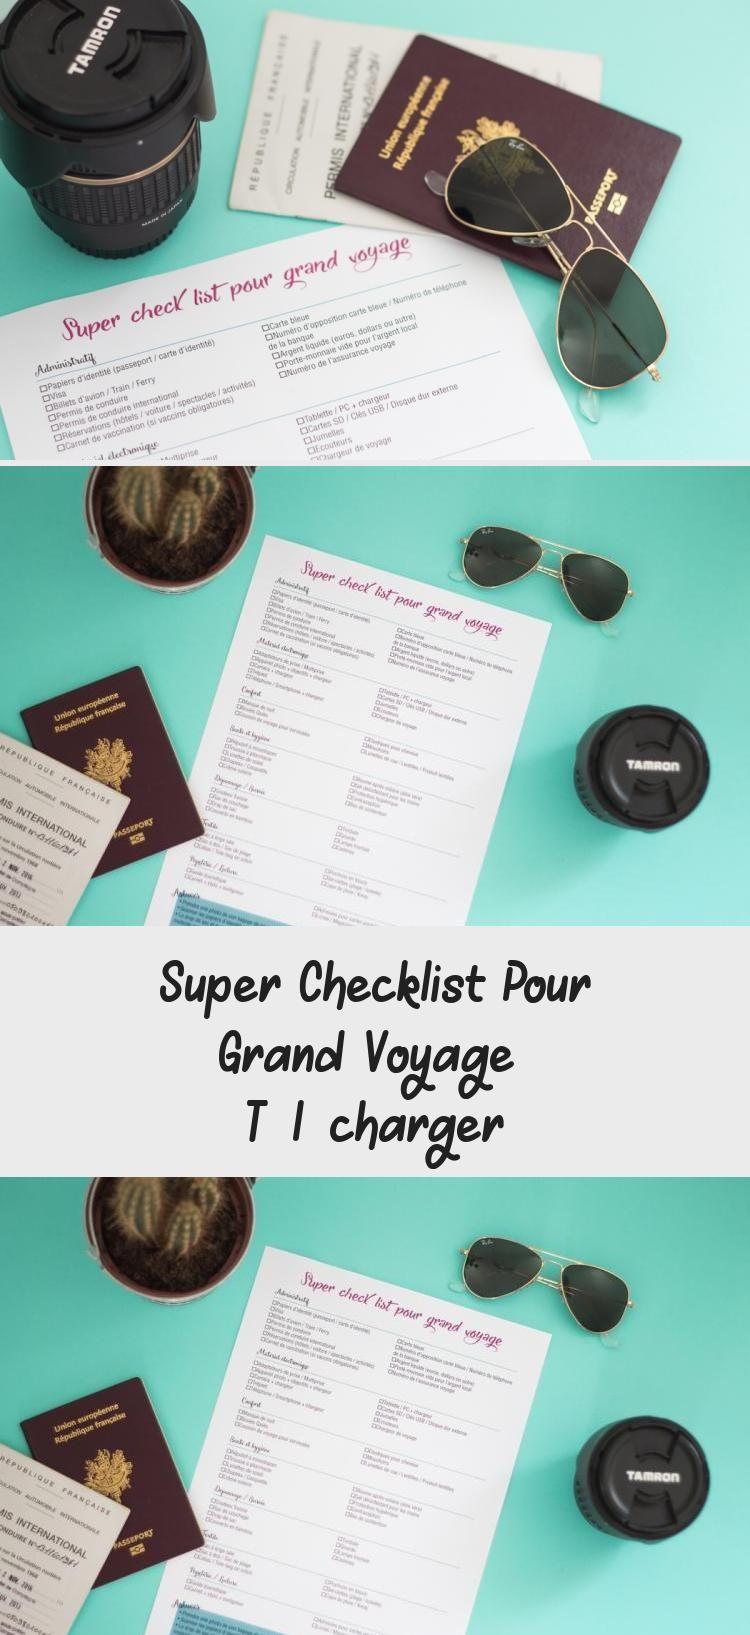 Super Checklist Pour Grand Voyage A Telecharger Valise Voyage